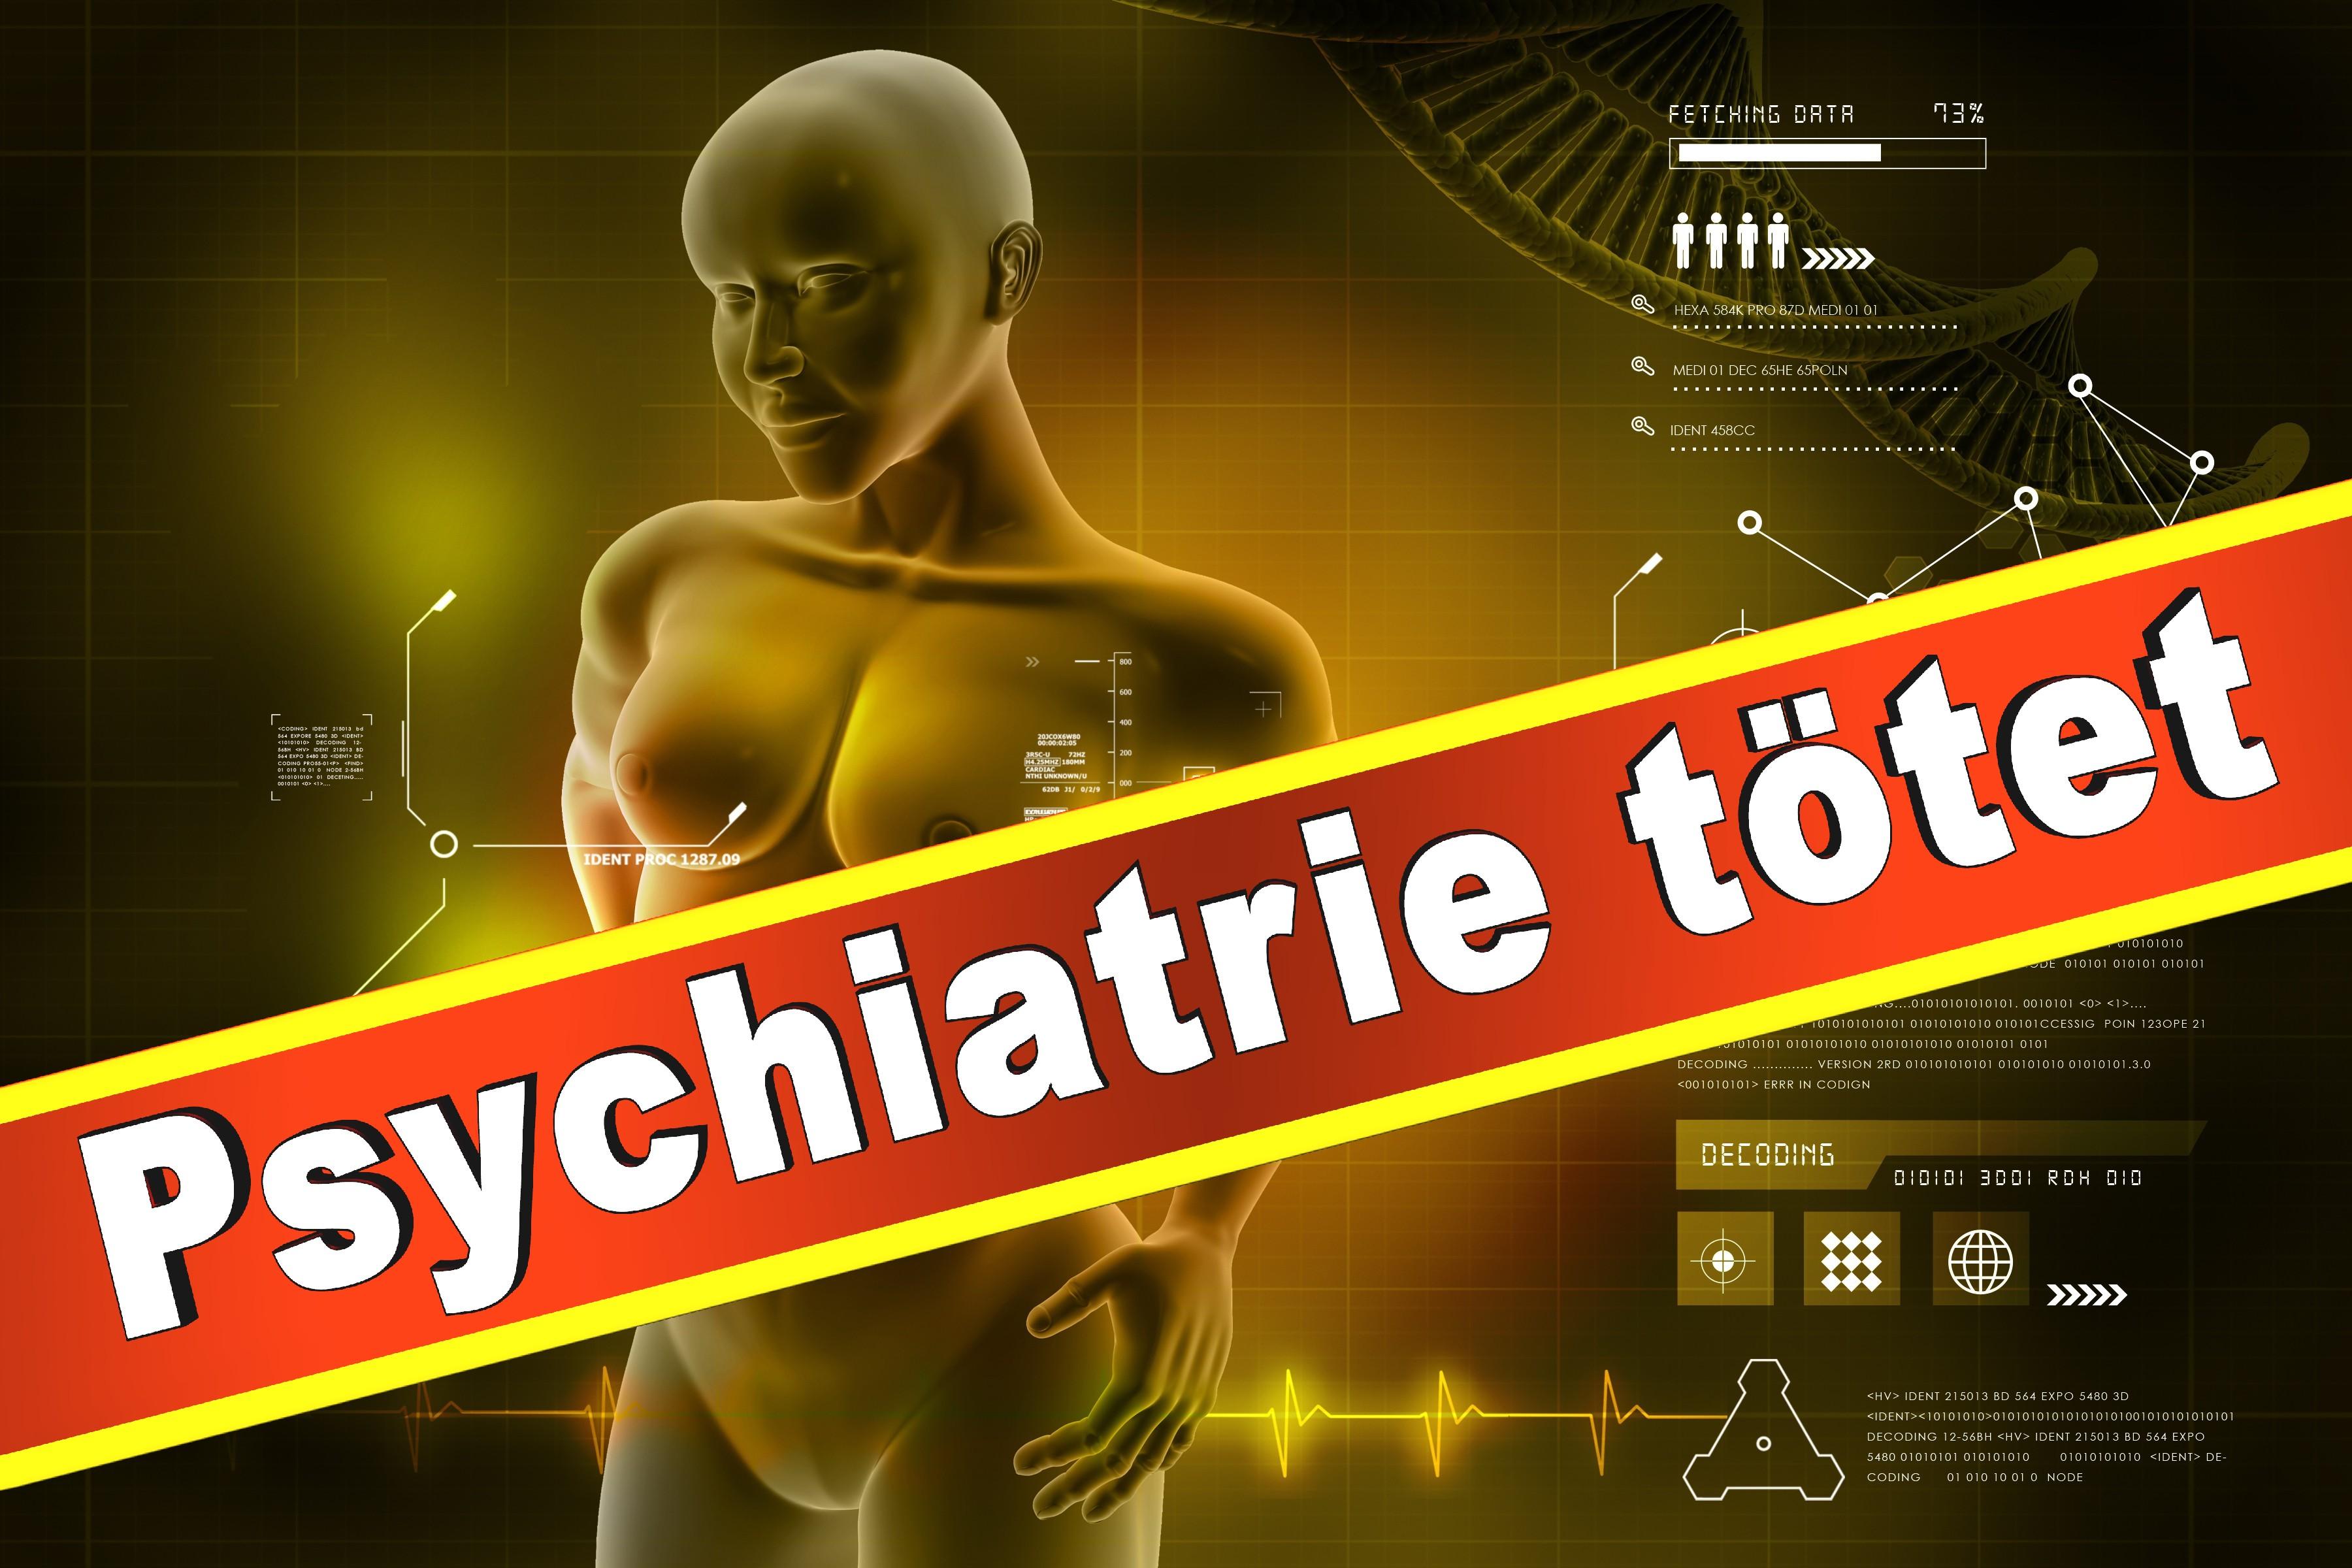 Carl Ernst Von Schönfeld Tagesklinik Medikamente Psychiatrie Tod Bethel Psychiater Korruption Gift Zwangspsychiatrie Unterbringung Friedhof Adolf Hitler Euthanasie (10)